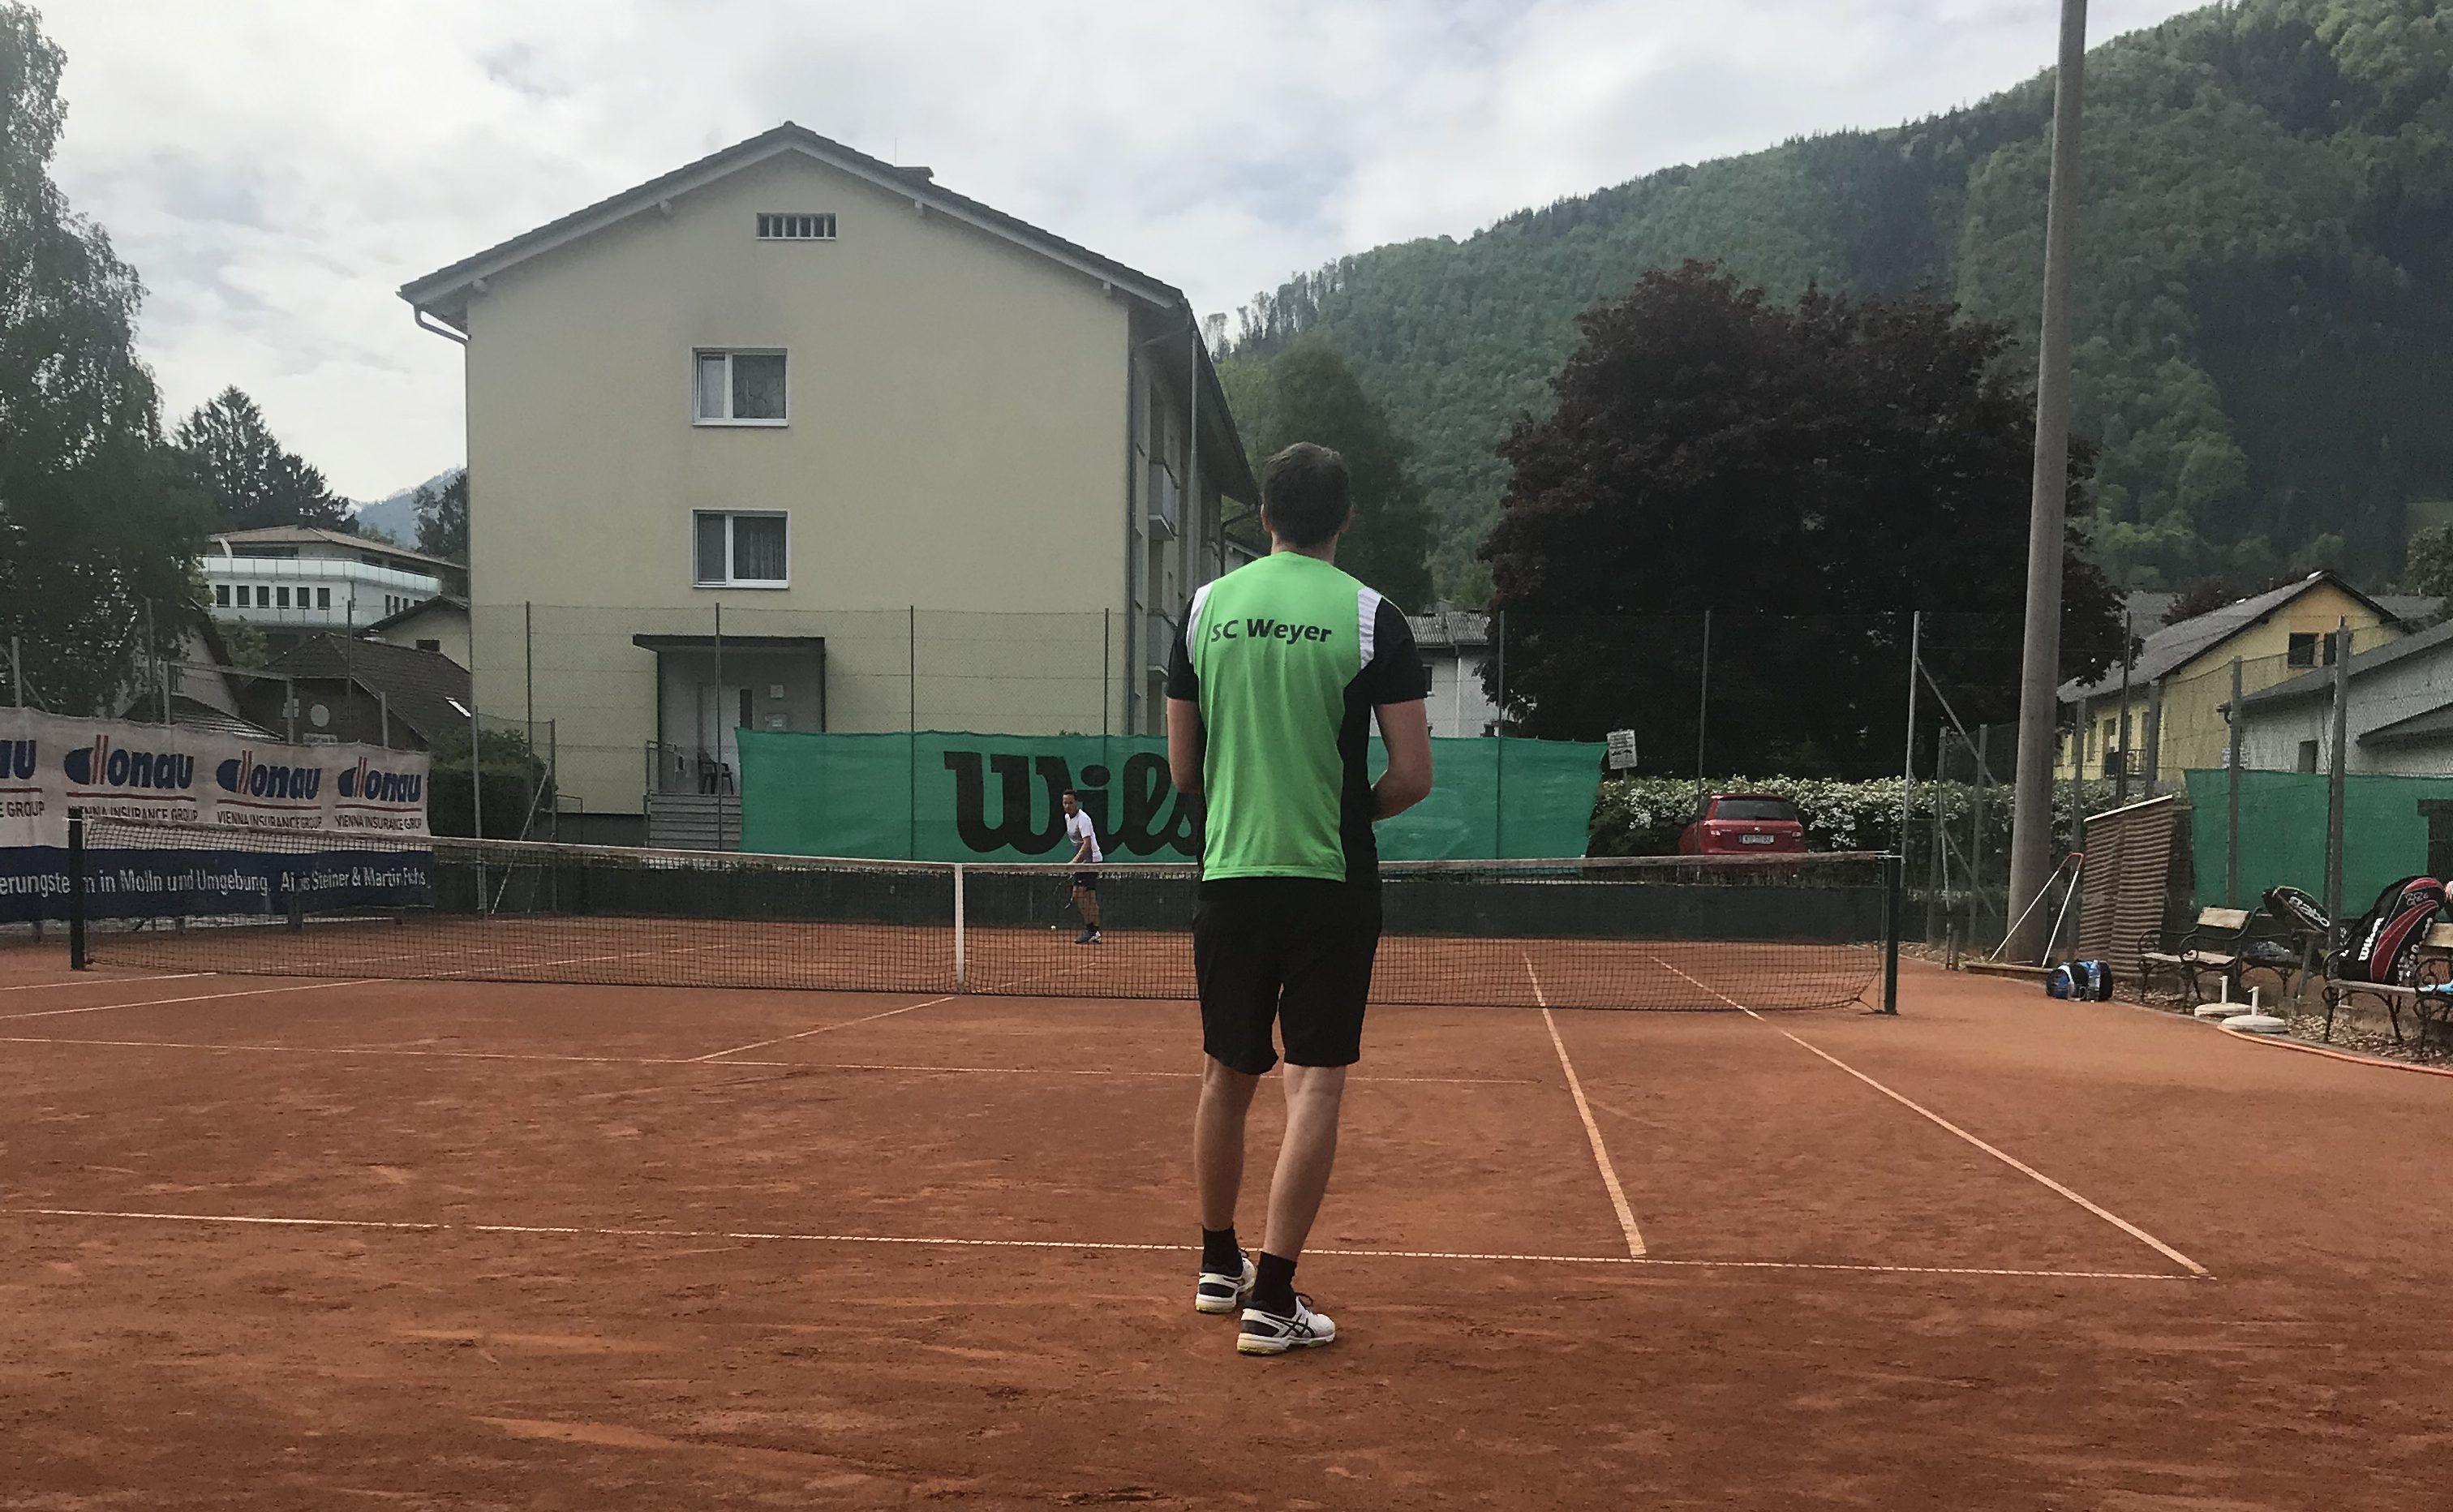 Intensives Tenniswochenende bringt  eine Niederlage und einen Sieg